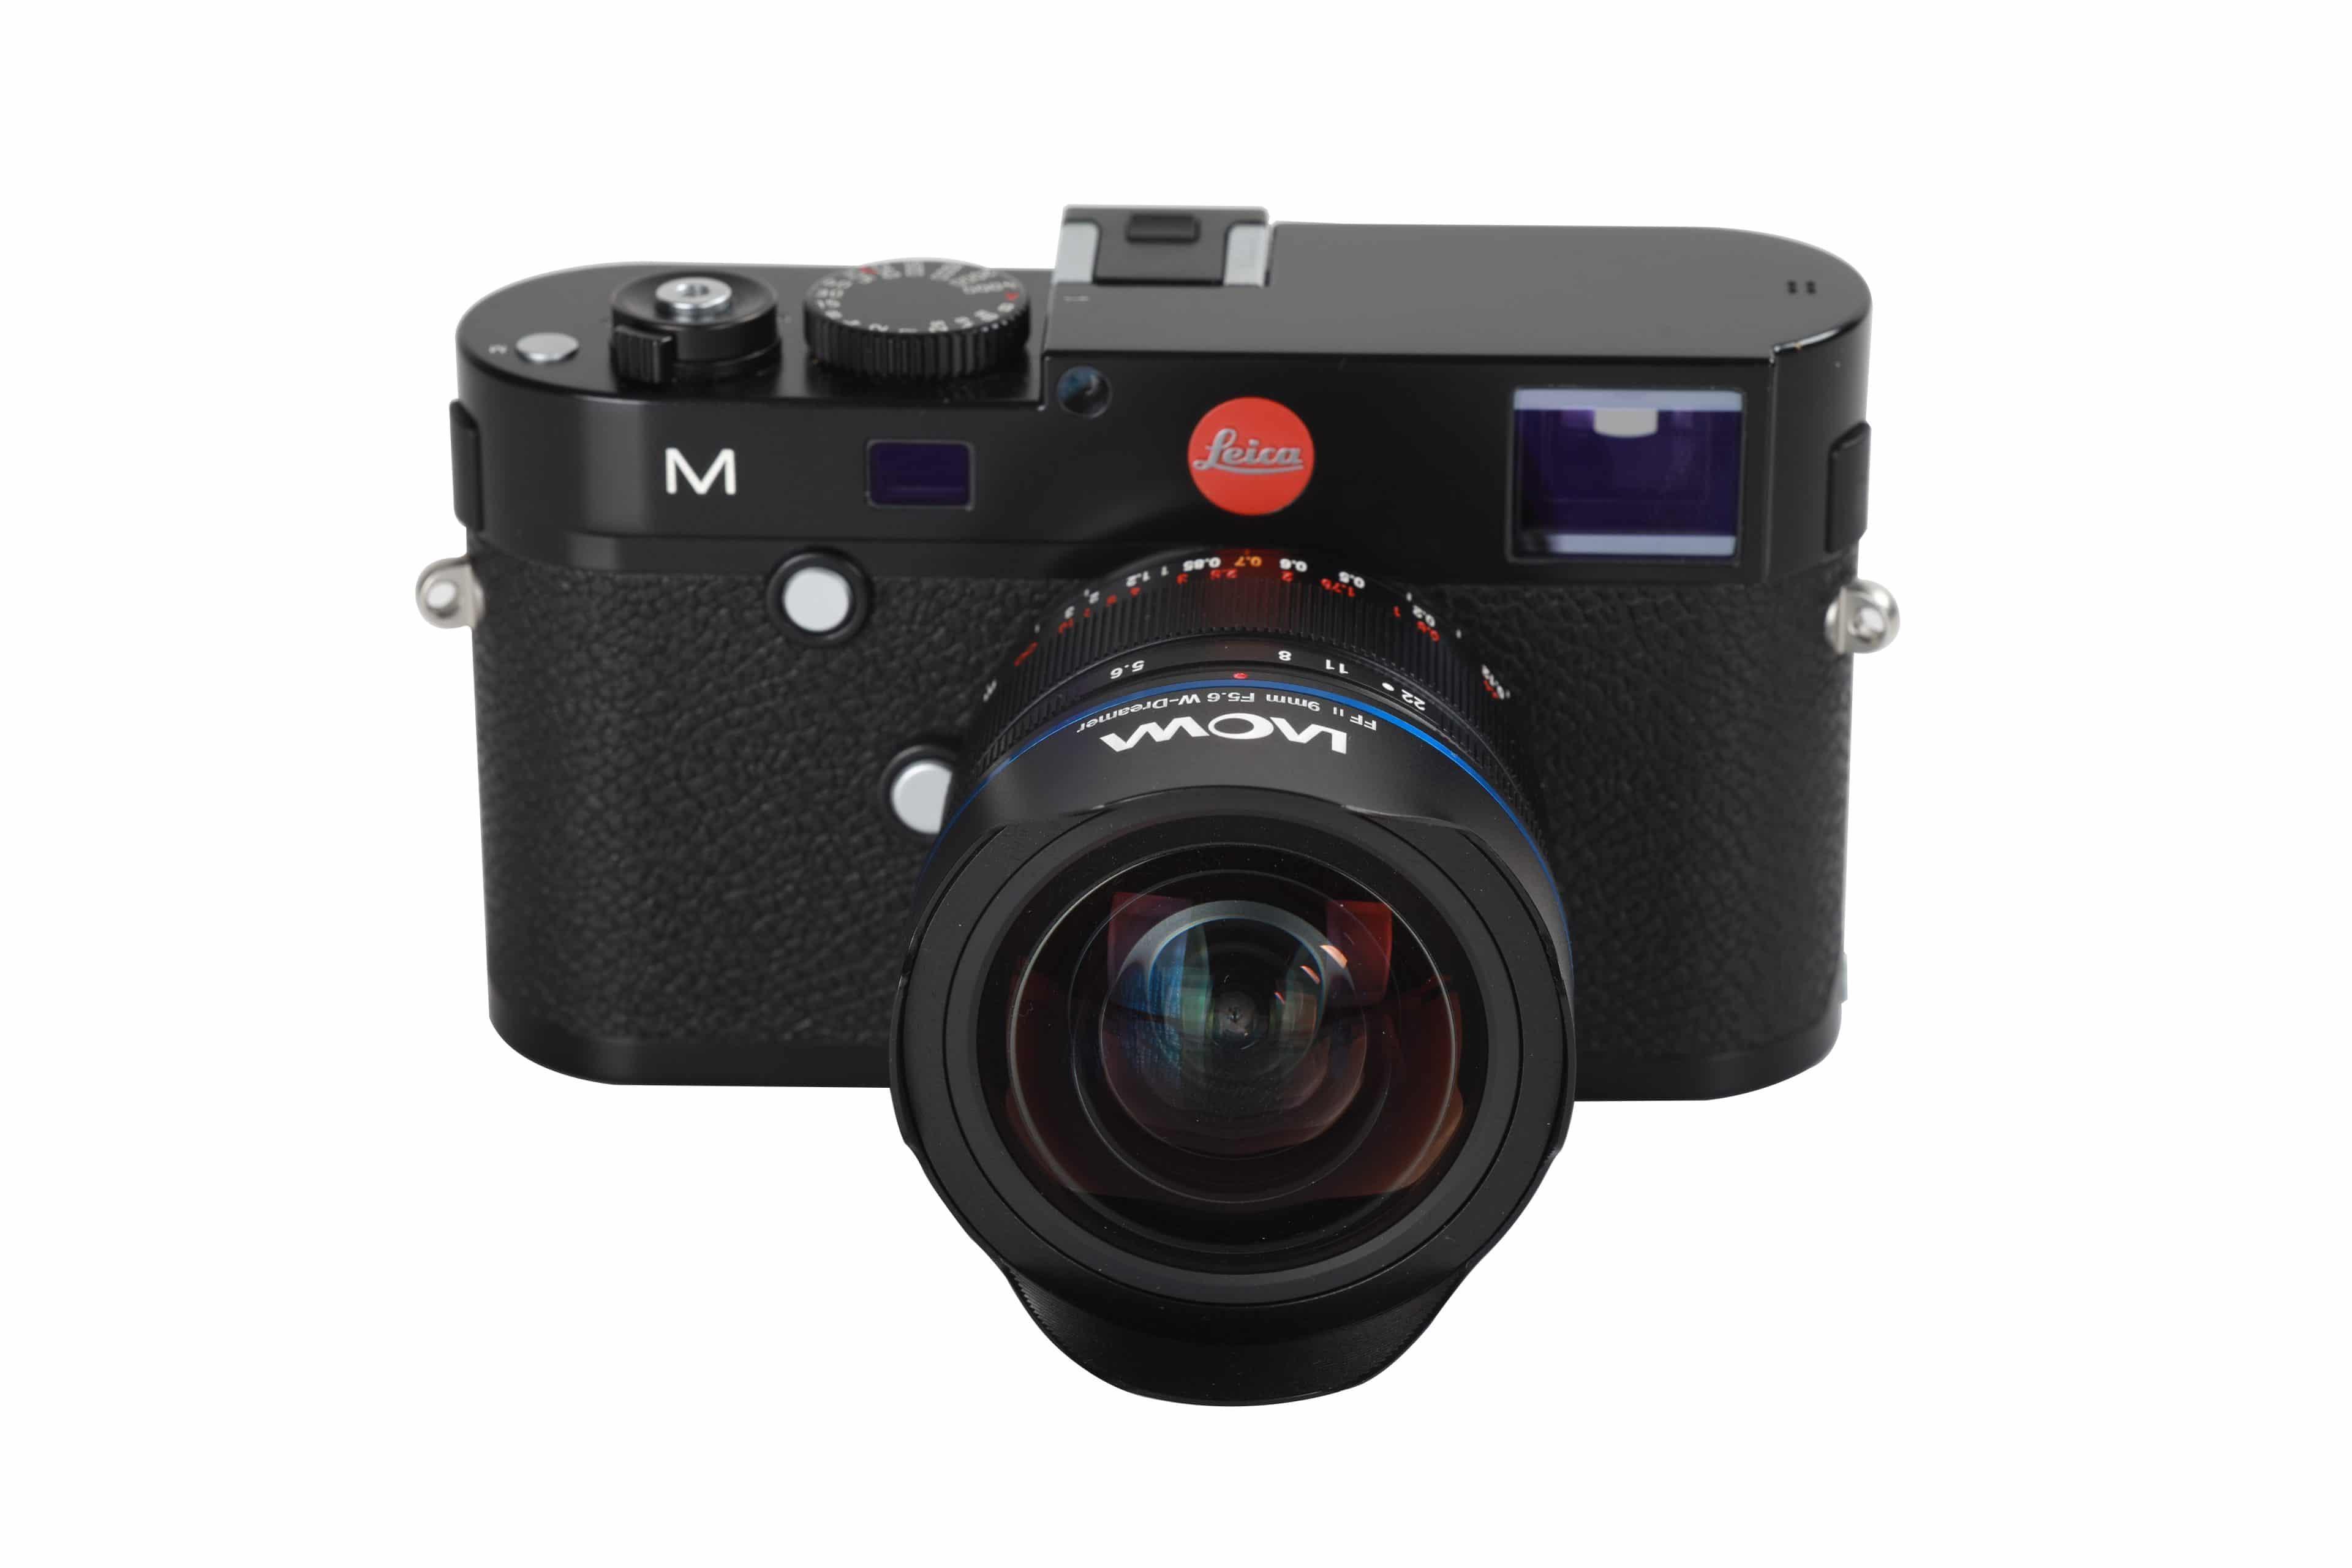 Venus Optics ra mắt ống kính góc siêu rộng Laowa 9mm F5.6 dành cho máy ảnh full-frame Sony